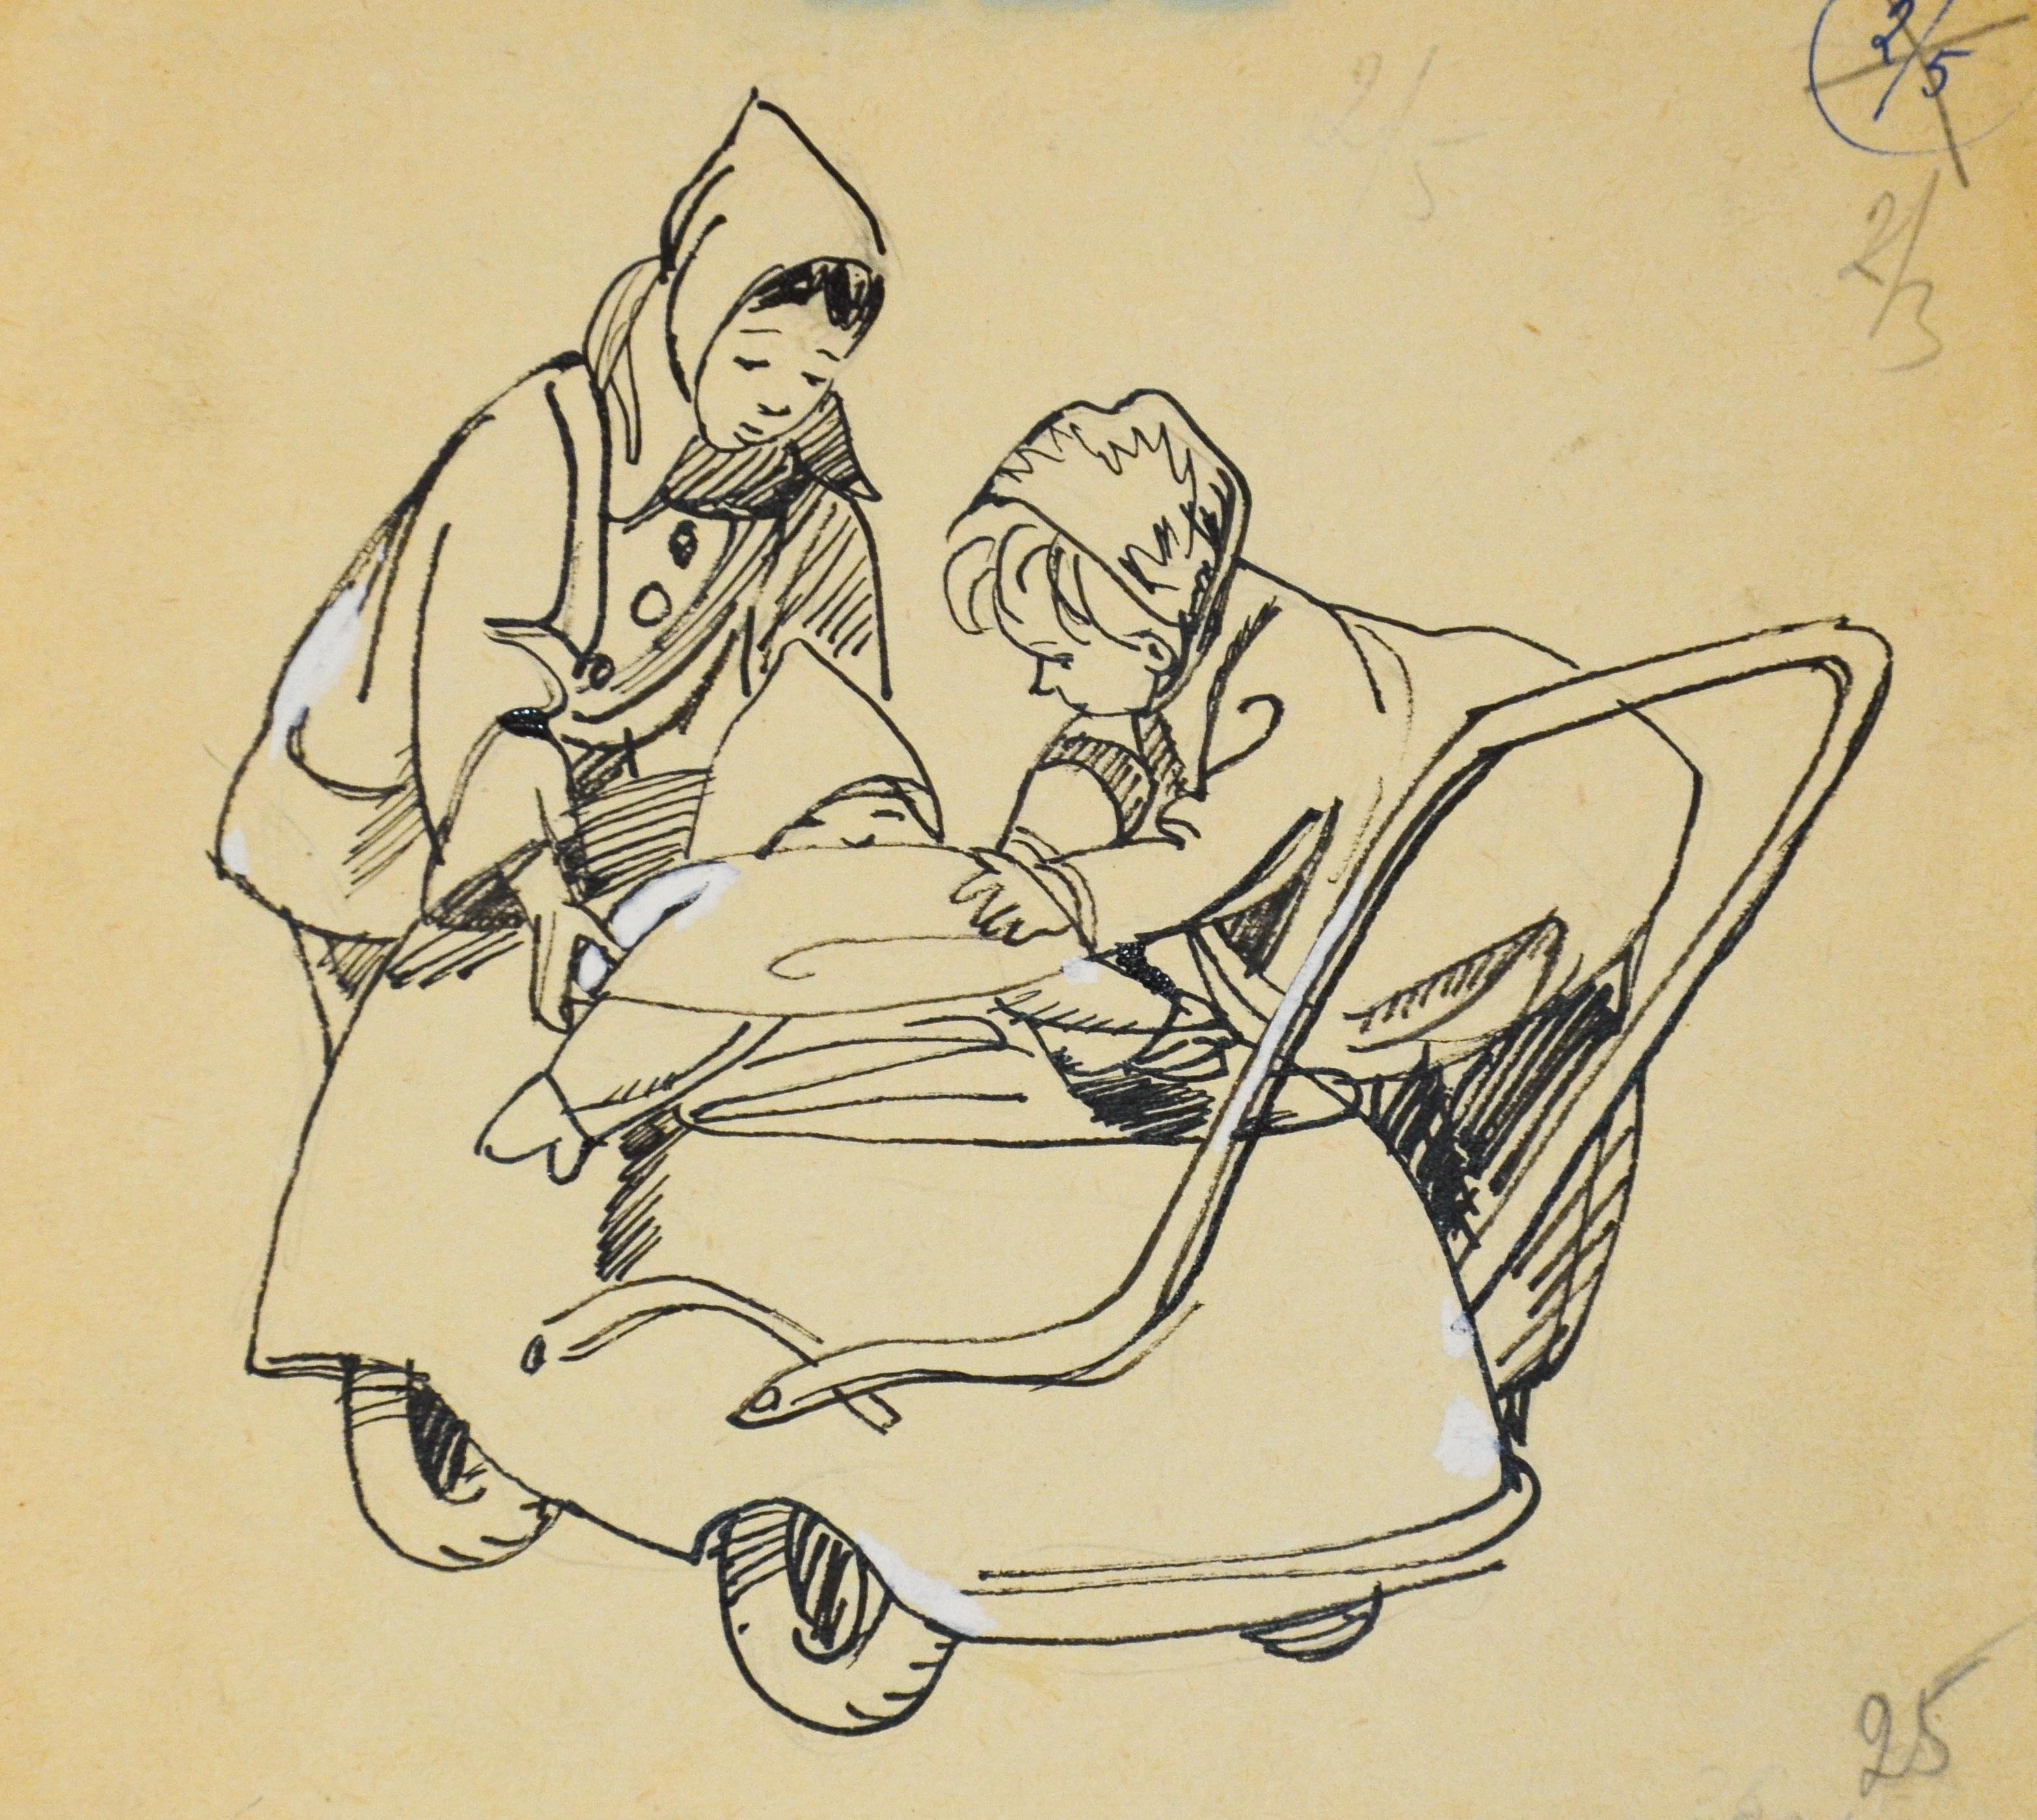 Наступили холода. Иллюстрация к сборнику А. Барто